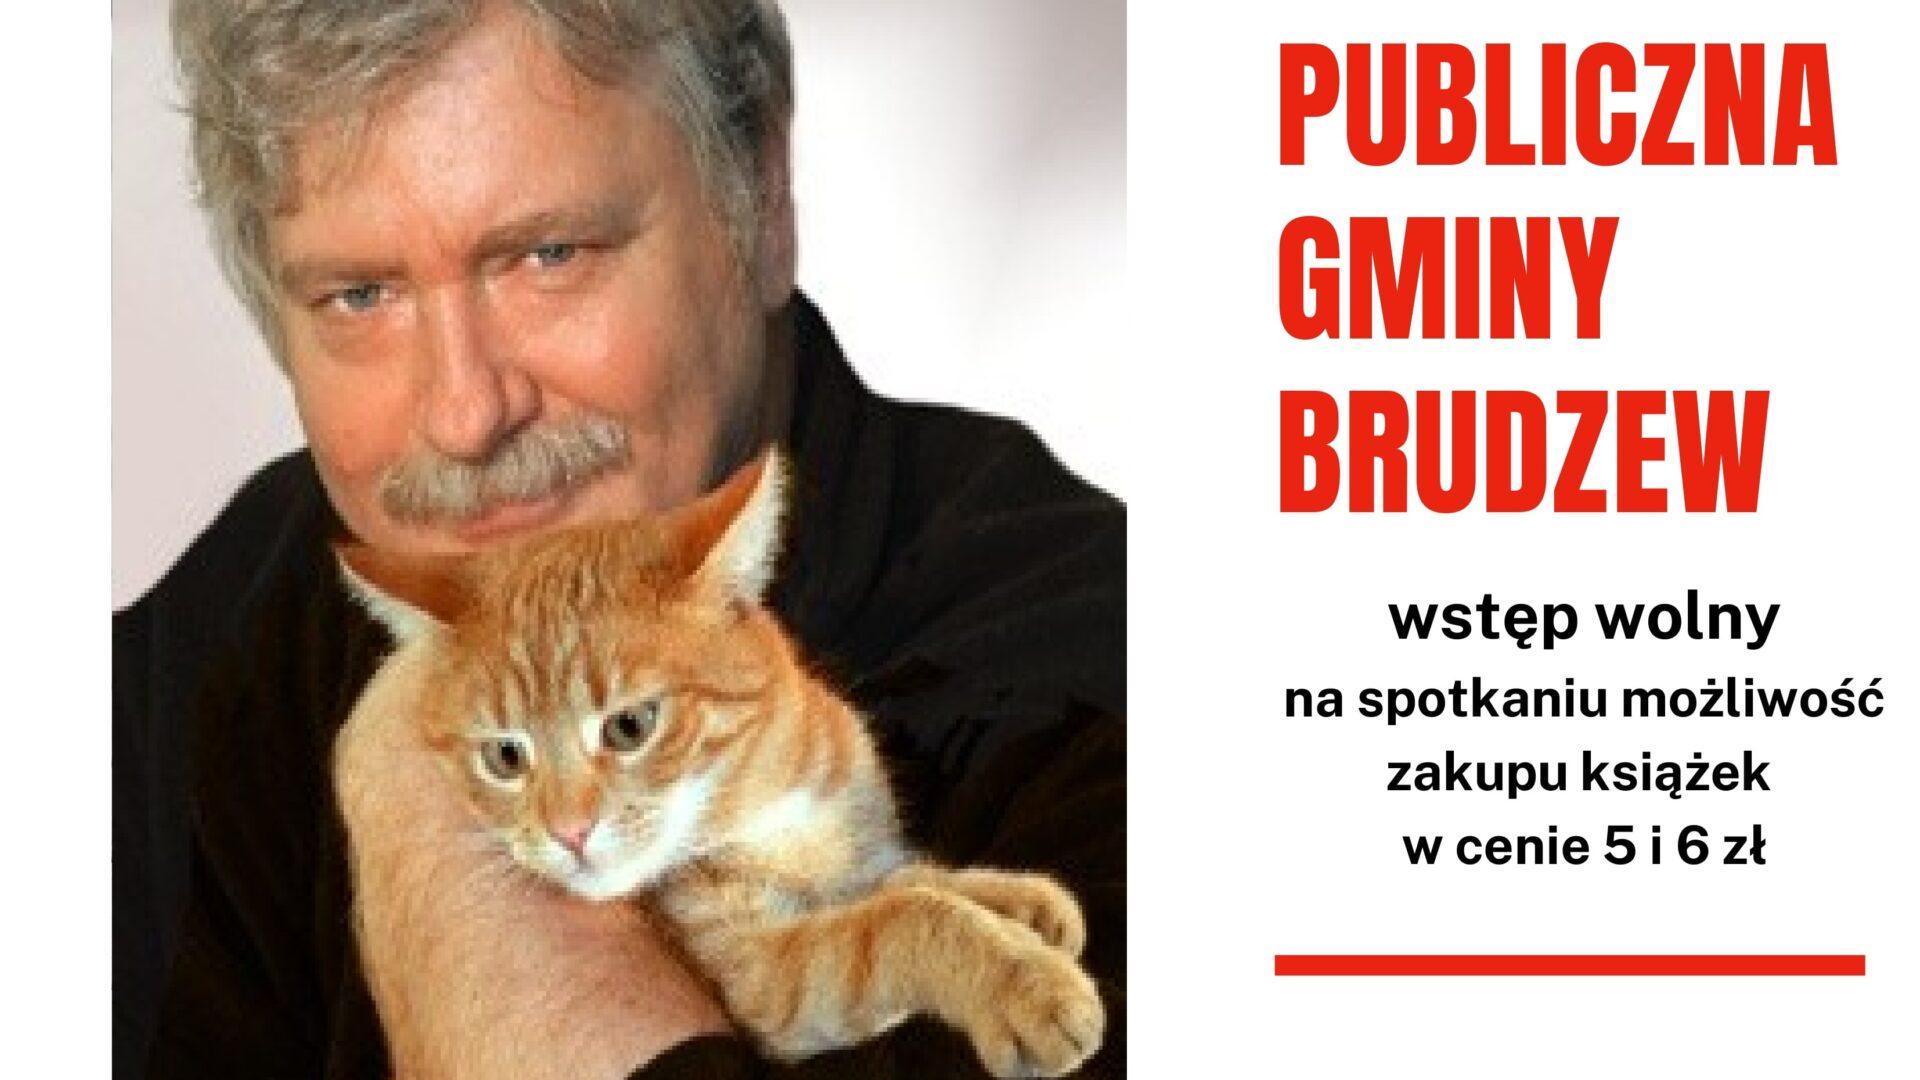 plakat informujący o spotkaniu autorskim z Wiesławem Drabikiem